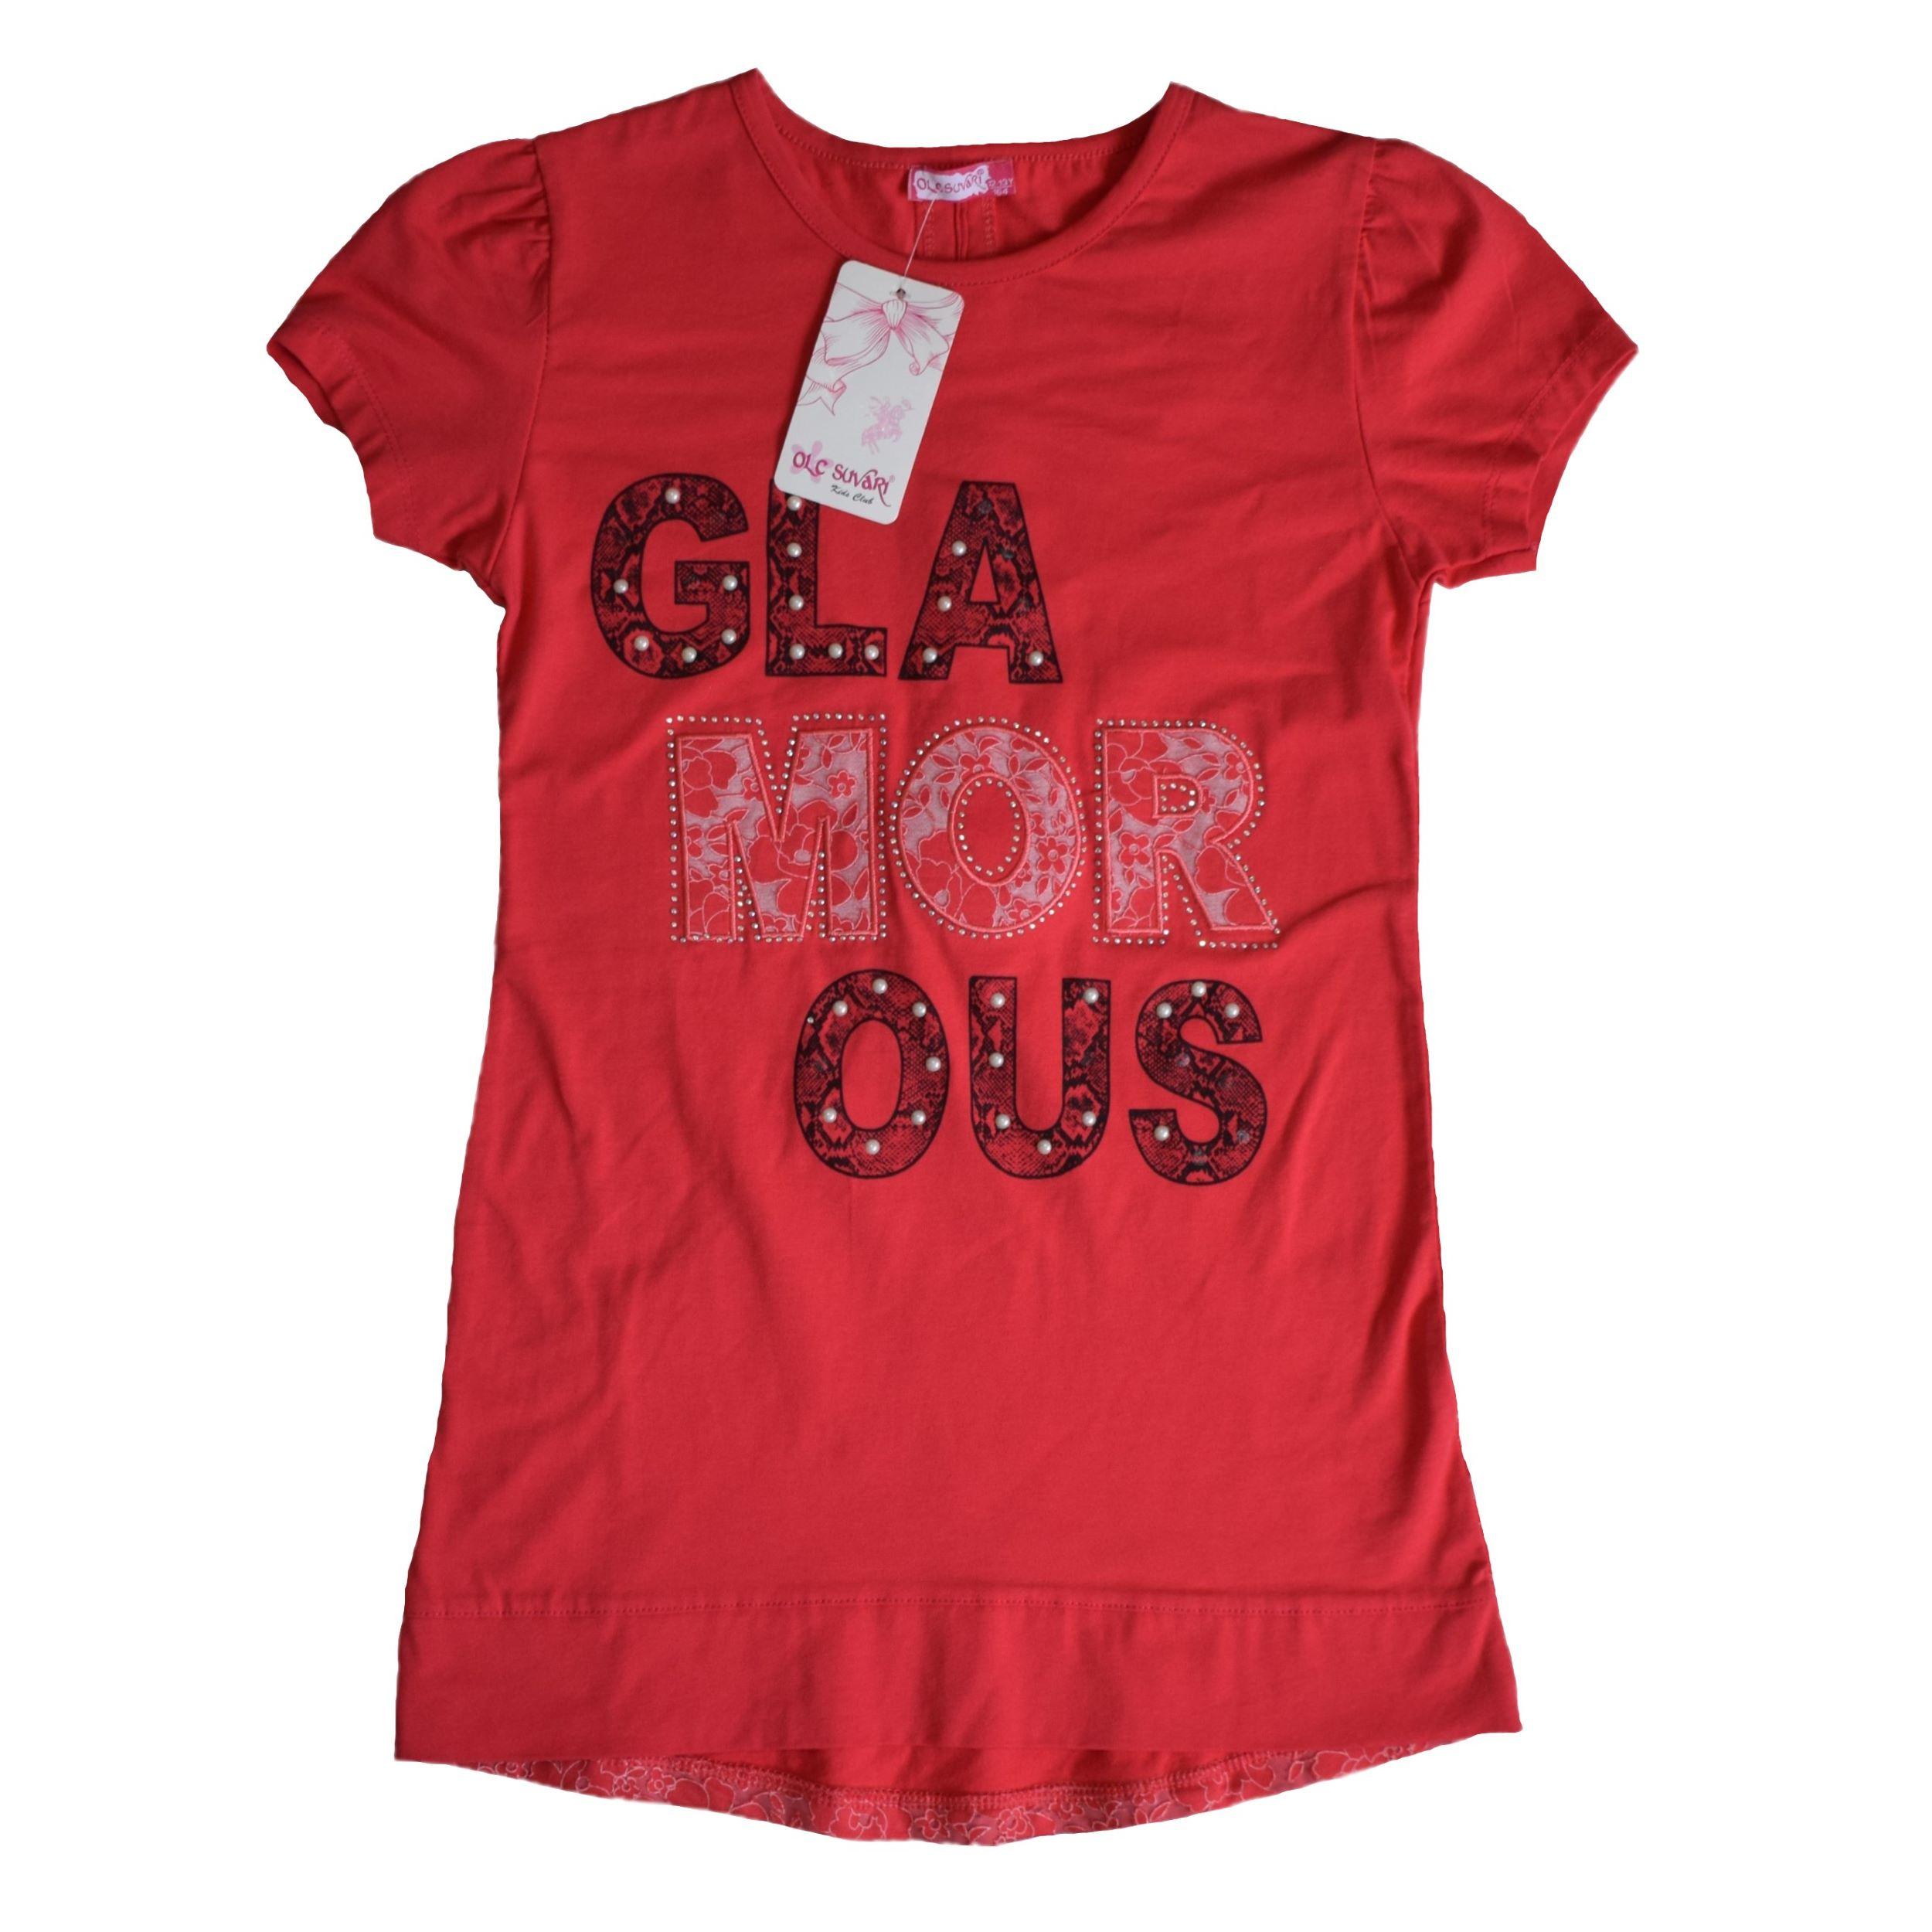 تی شرت دخترانه او ال سی سوواری کد N106M